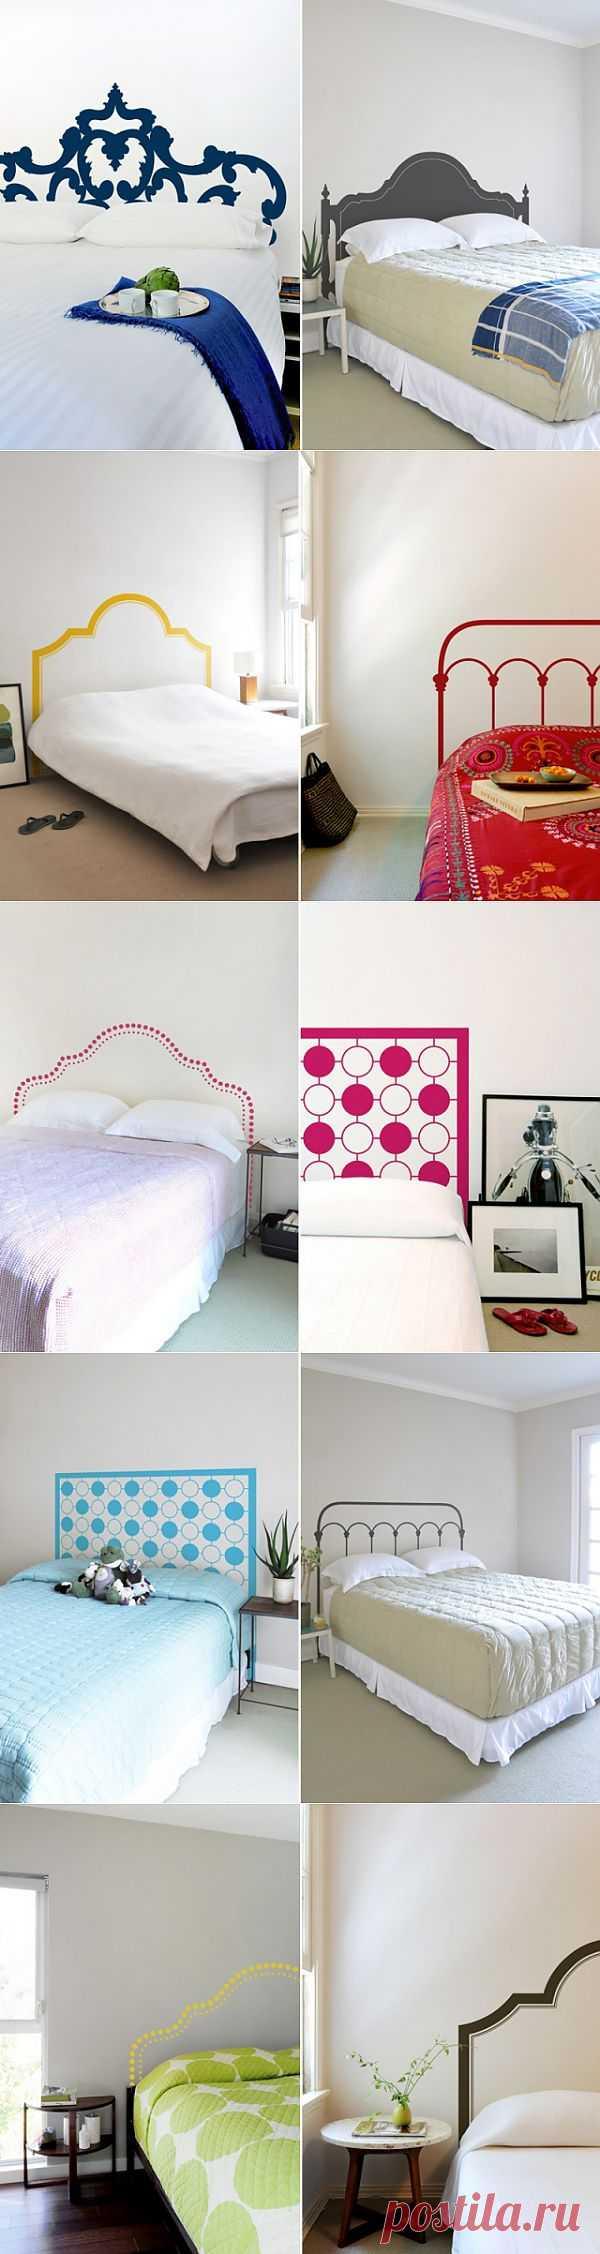 Нарисованные изголовья для кровати (подборка) / Спальня / Модный сайт о стильной переделке одежды и интерьера